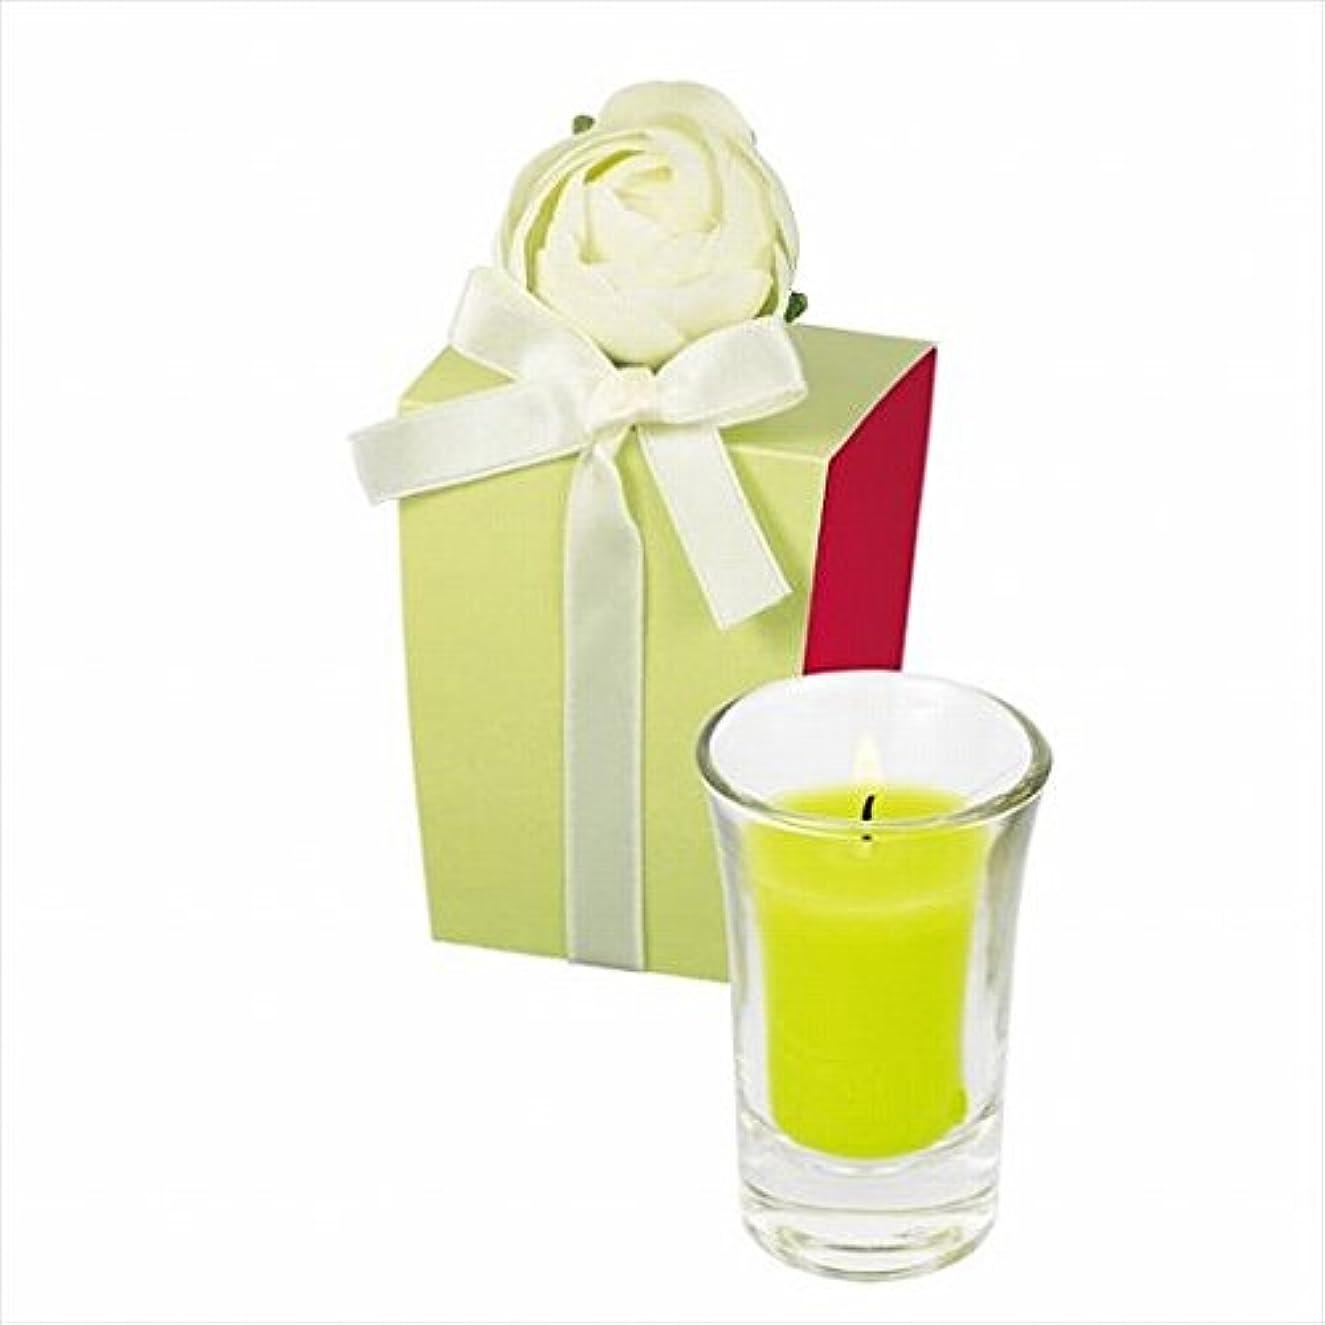 引き付ける主観的広範囲にカメヤマキャンドル(kameyama candle) ラナンキュラスグラスキャンドル 「 ライトグリーン 」